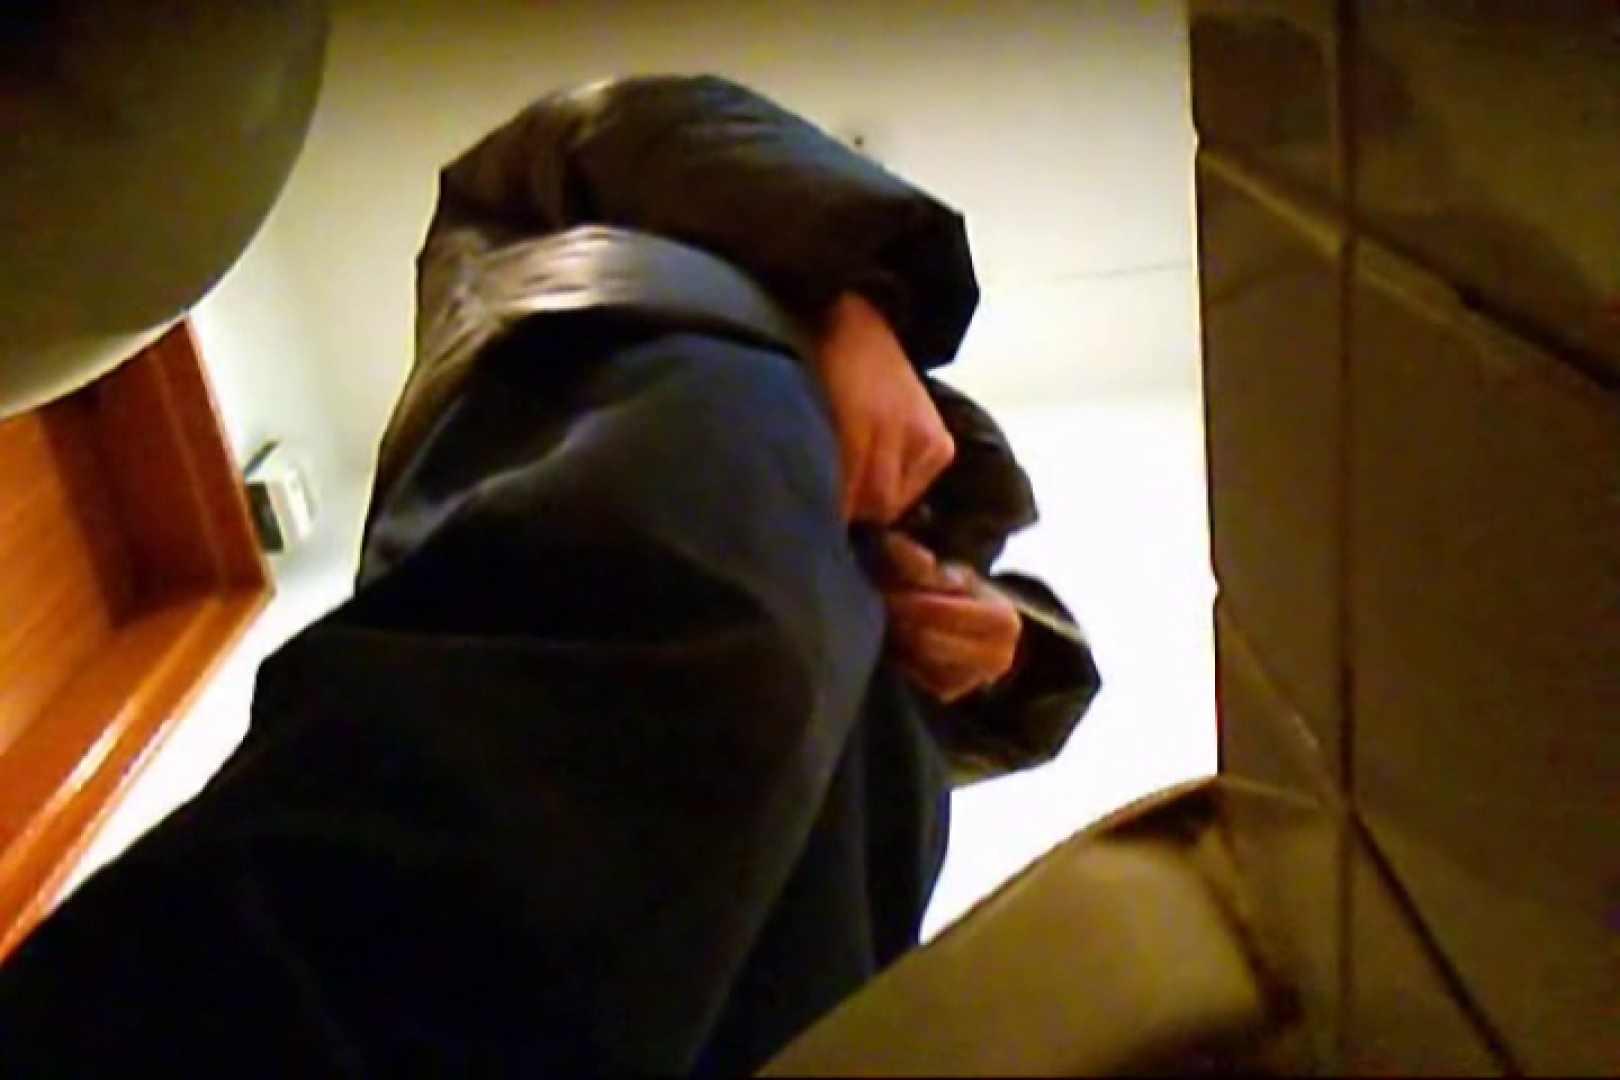 Gボーイ初投稿!掴み取りさんの洗面所覗き!in新幹線!VOL.16 私服もいいね! ゲイ射精画像 11画像 2